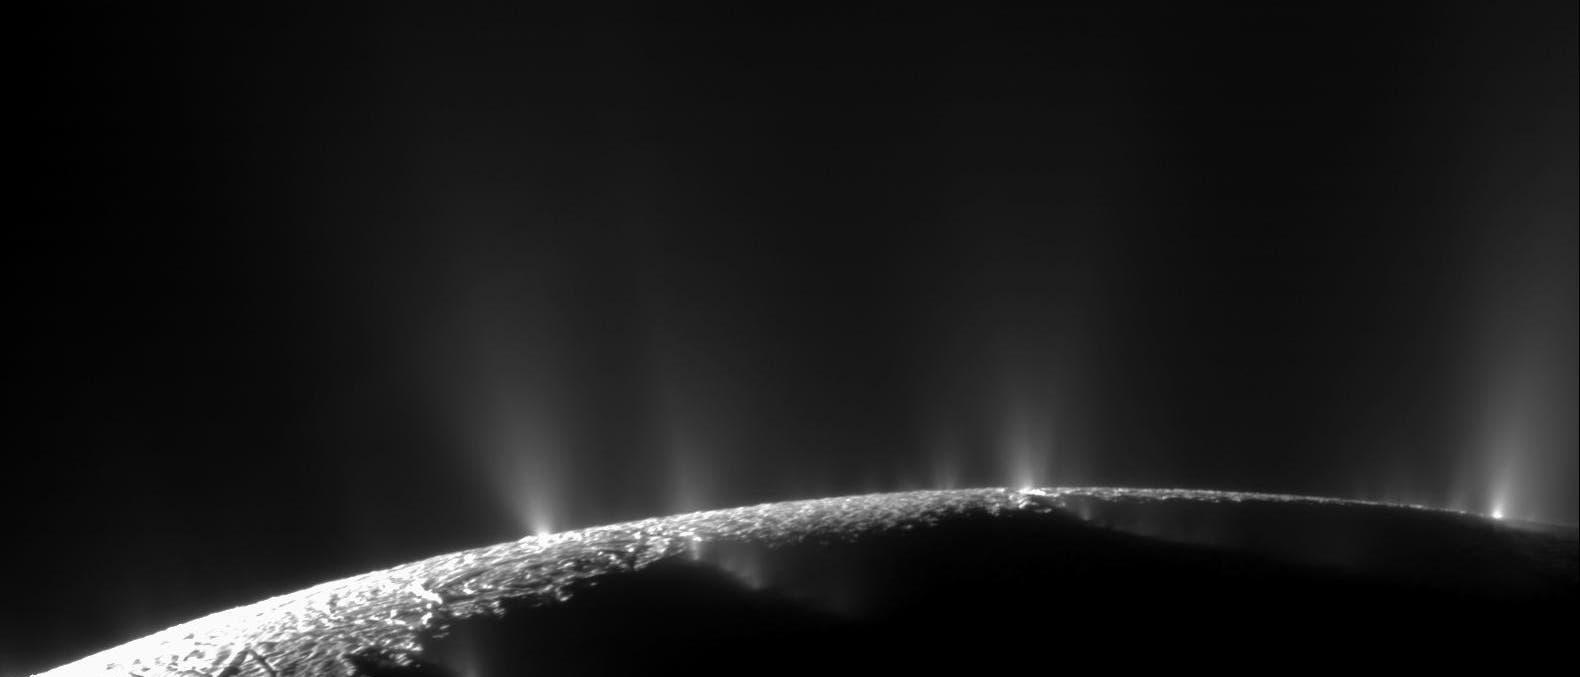 Das Geysir-Becken des Enceladus